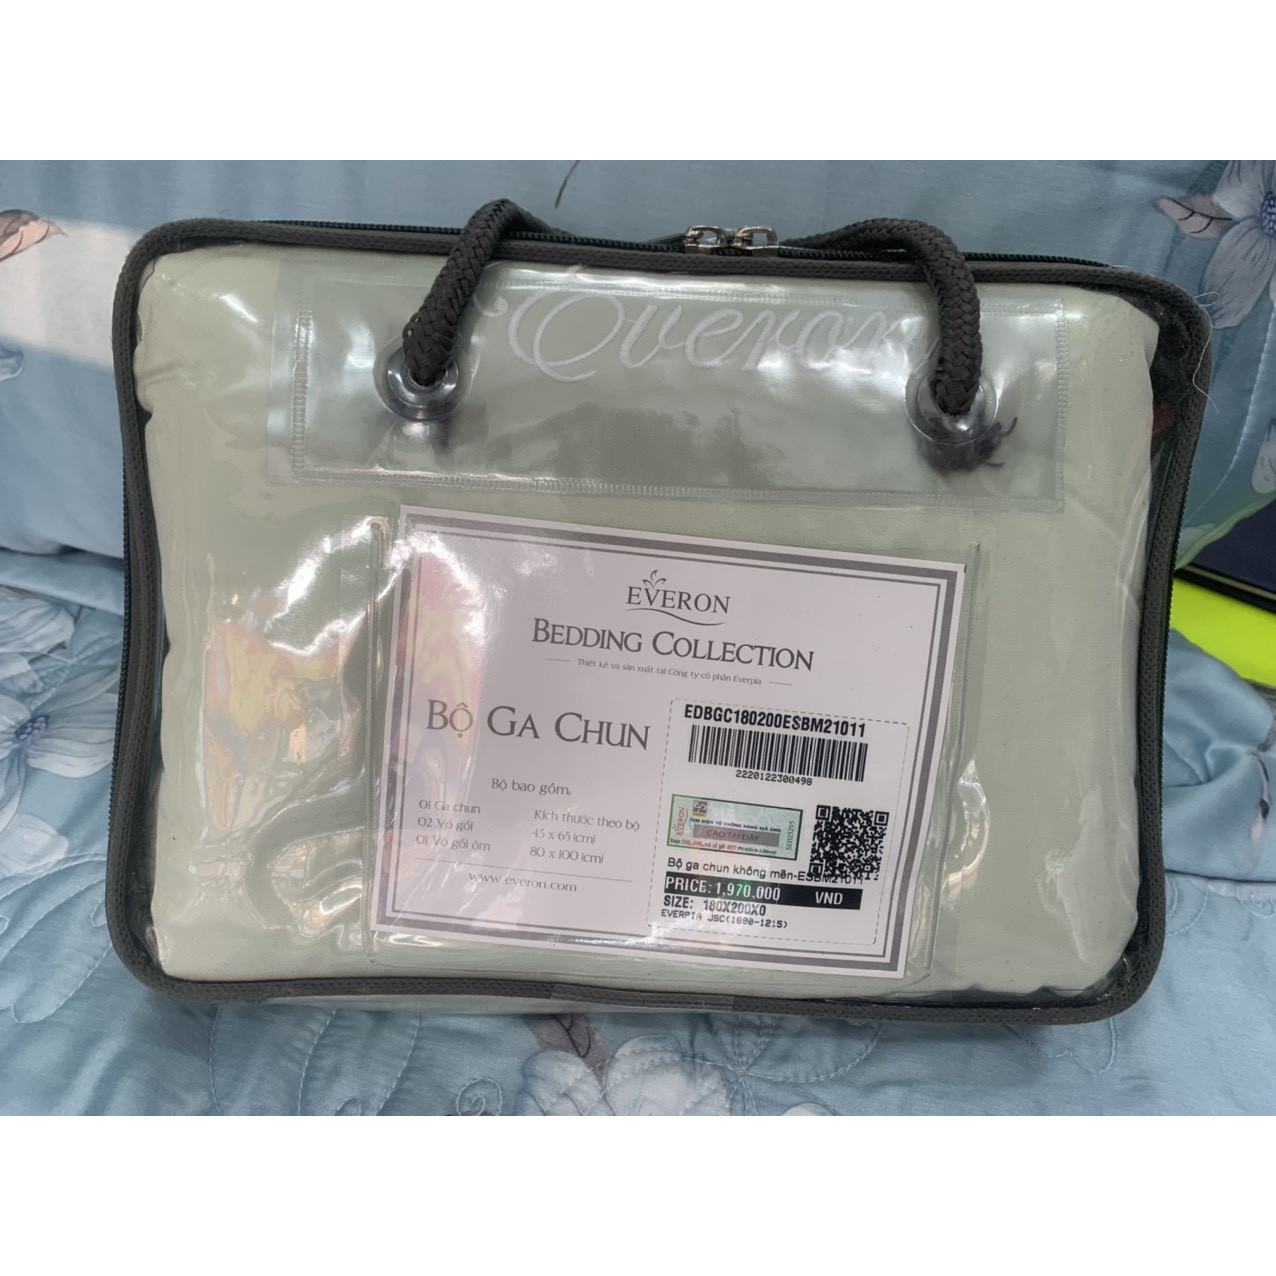 Bộ ra chun Everon ESM21011 ( không chăn 4 món )